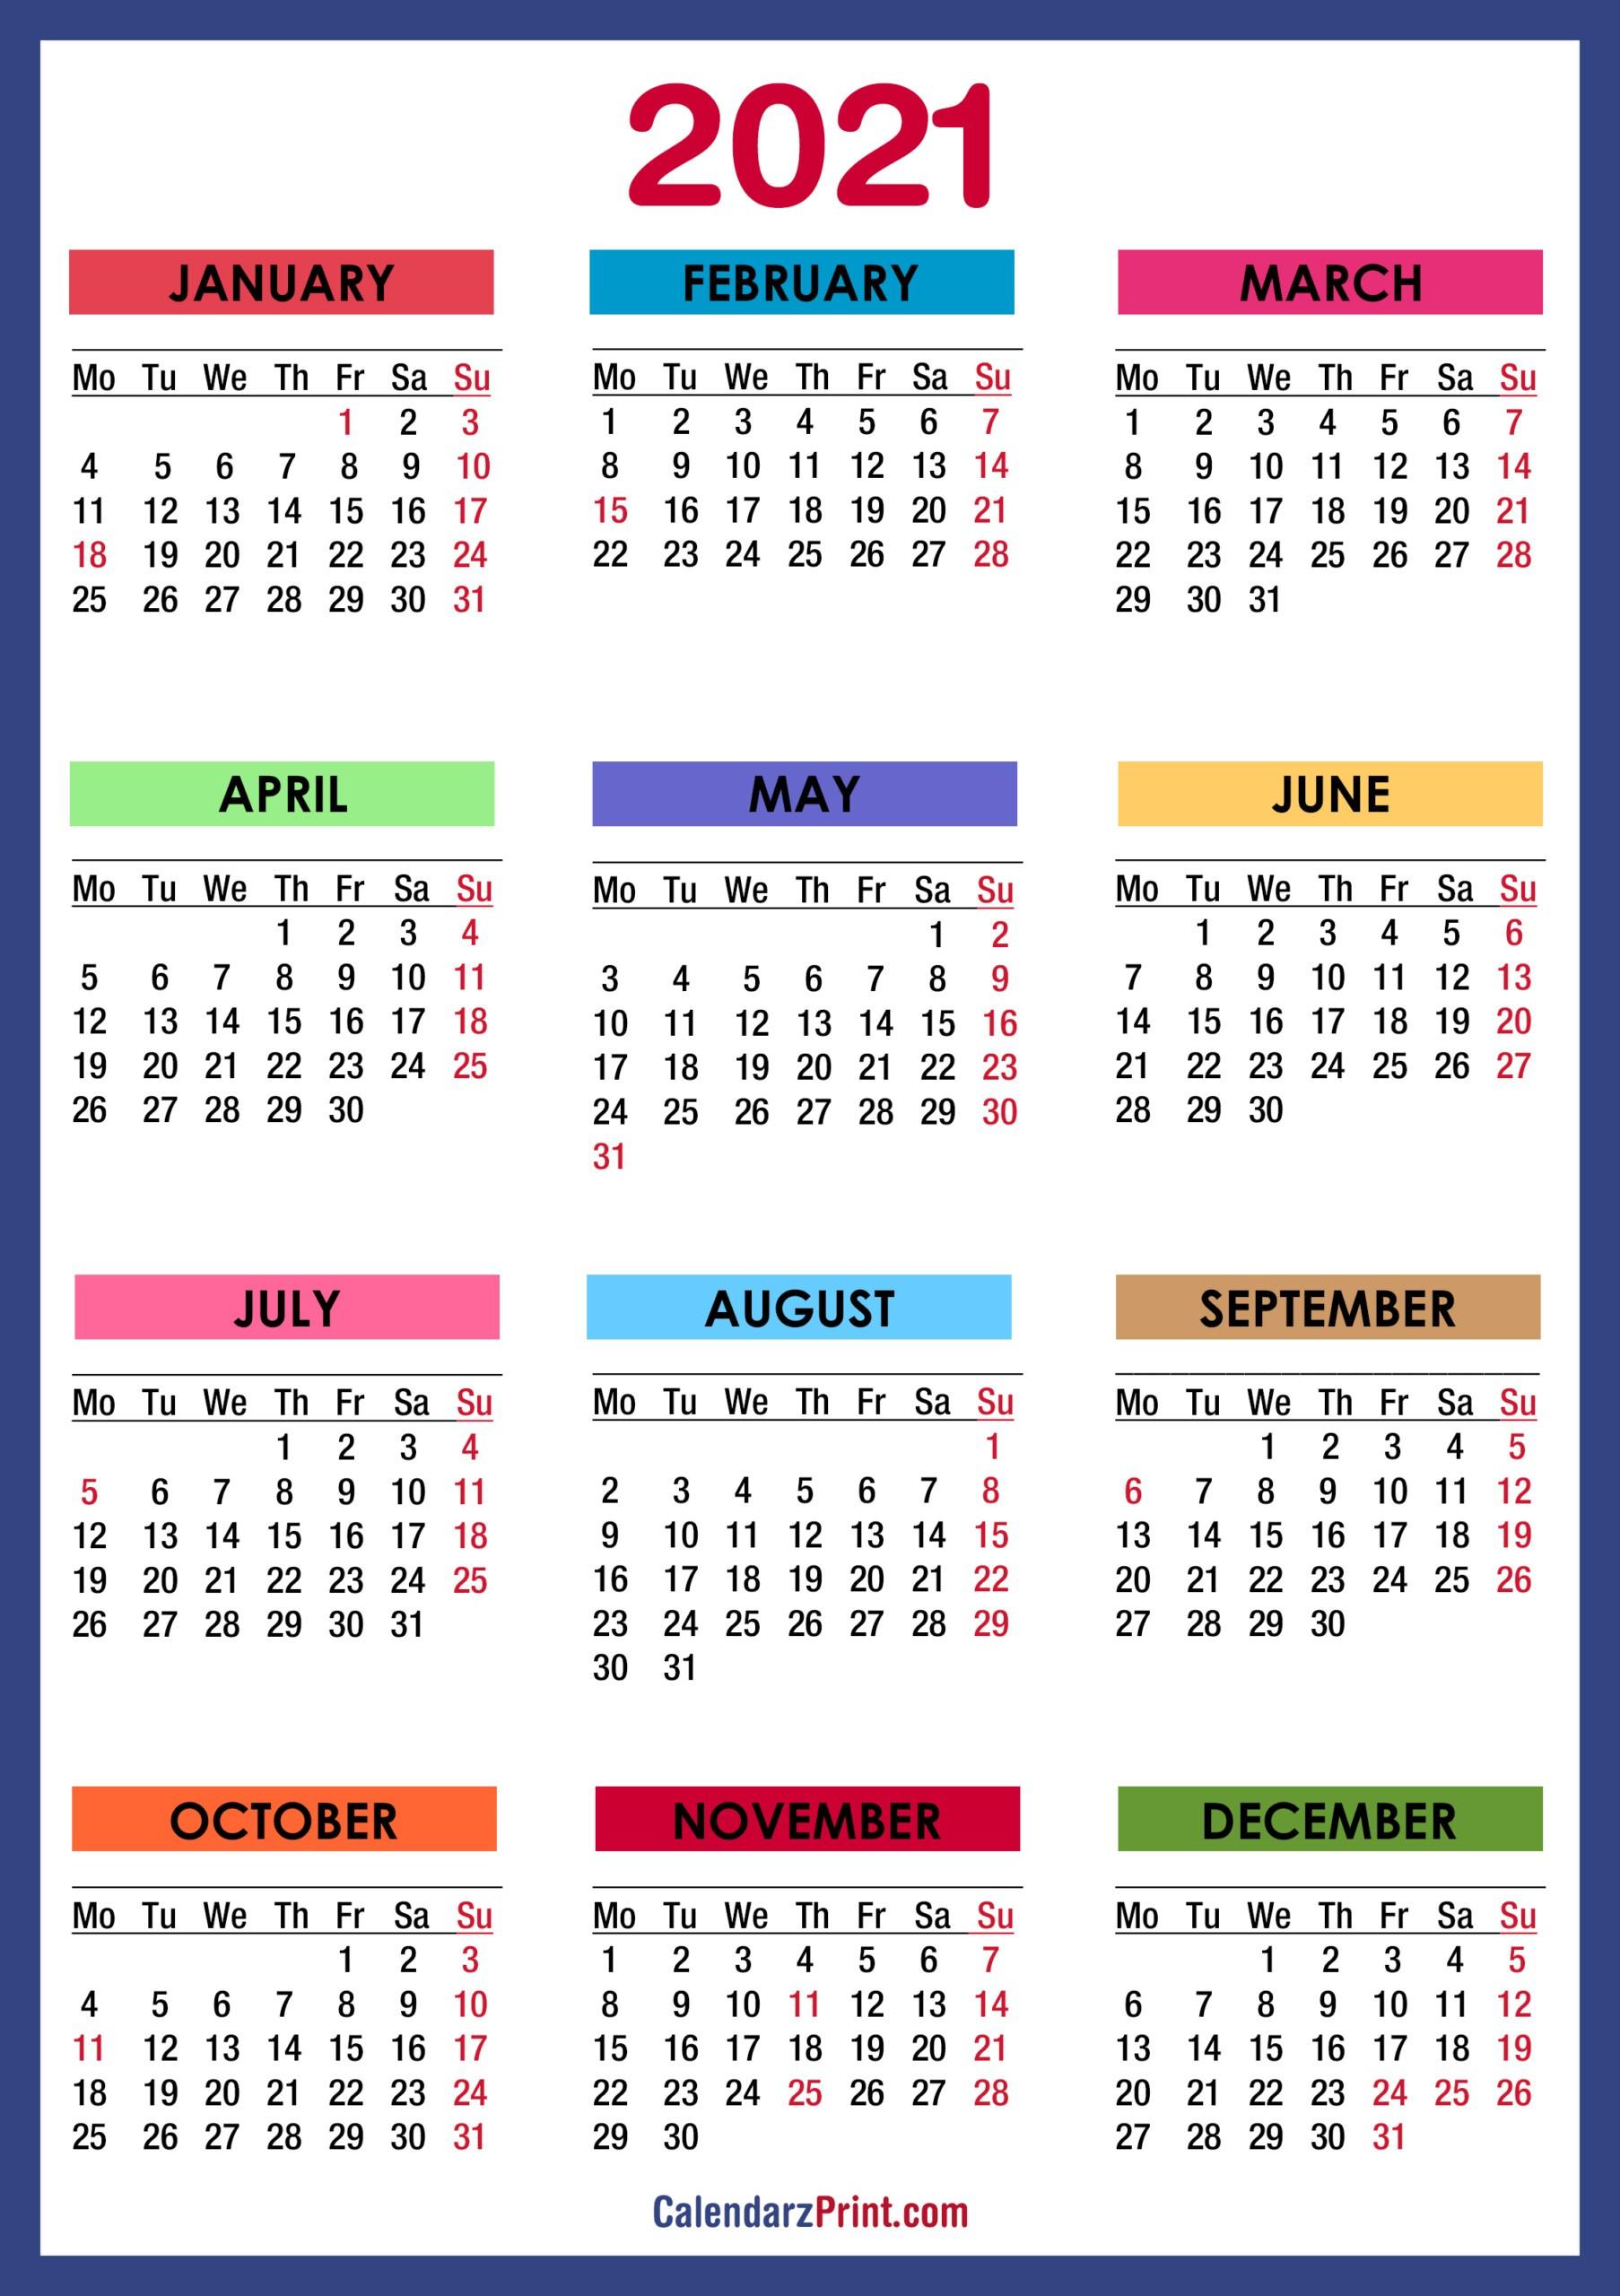 2021 Calendar Printable With Holidays Usa